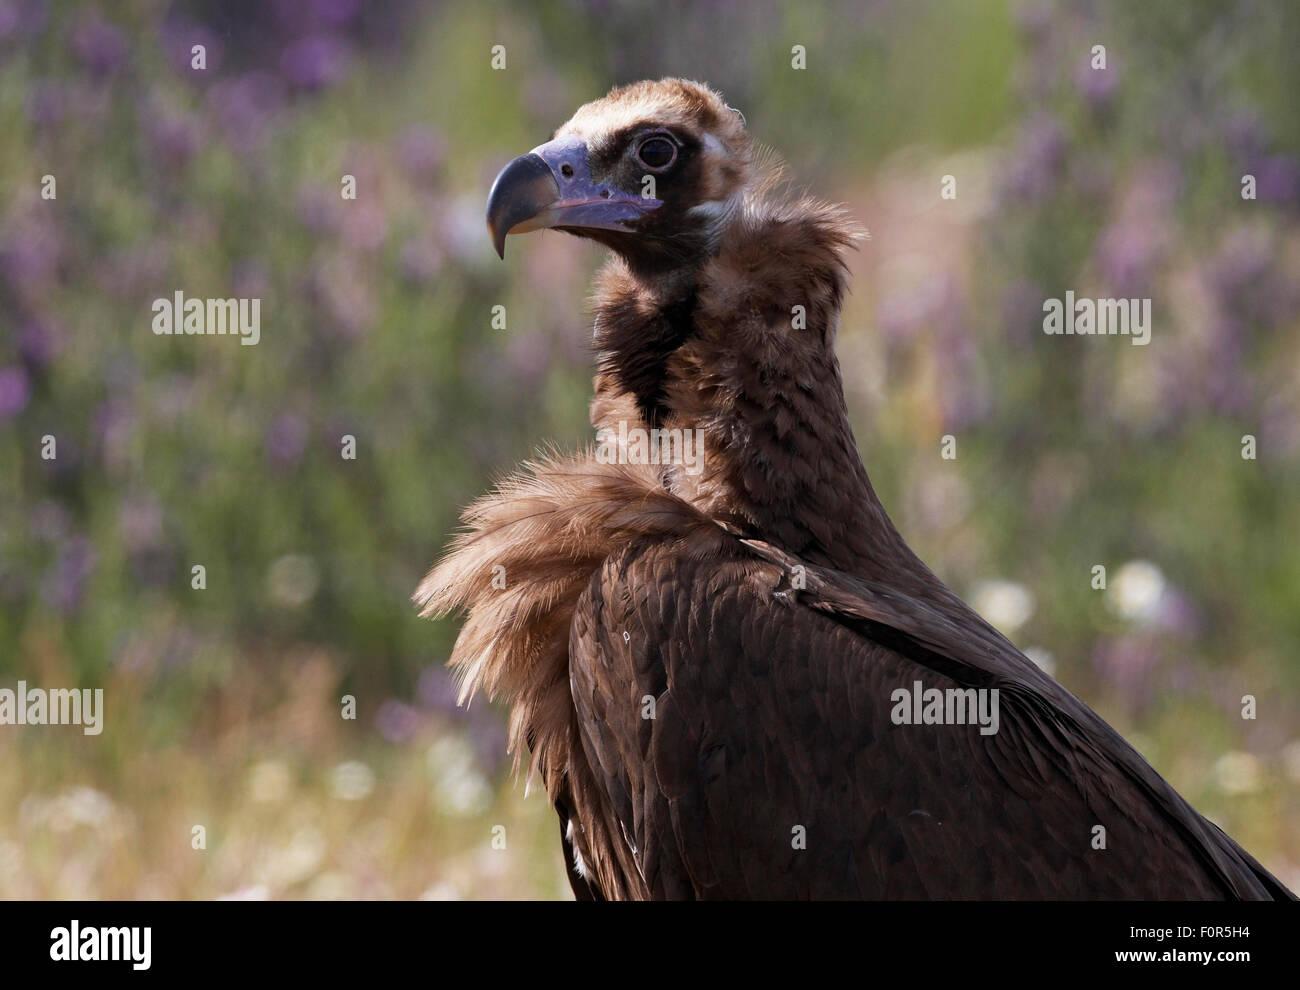 Buitre negro europeo (Aegyptus monacha) retrato, Extremadura, España, abril de 2009 Imagen De Stock